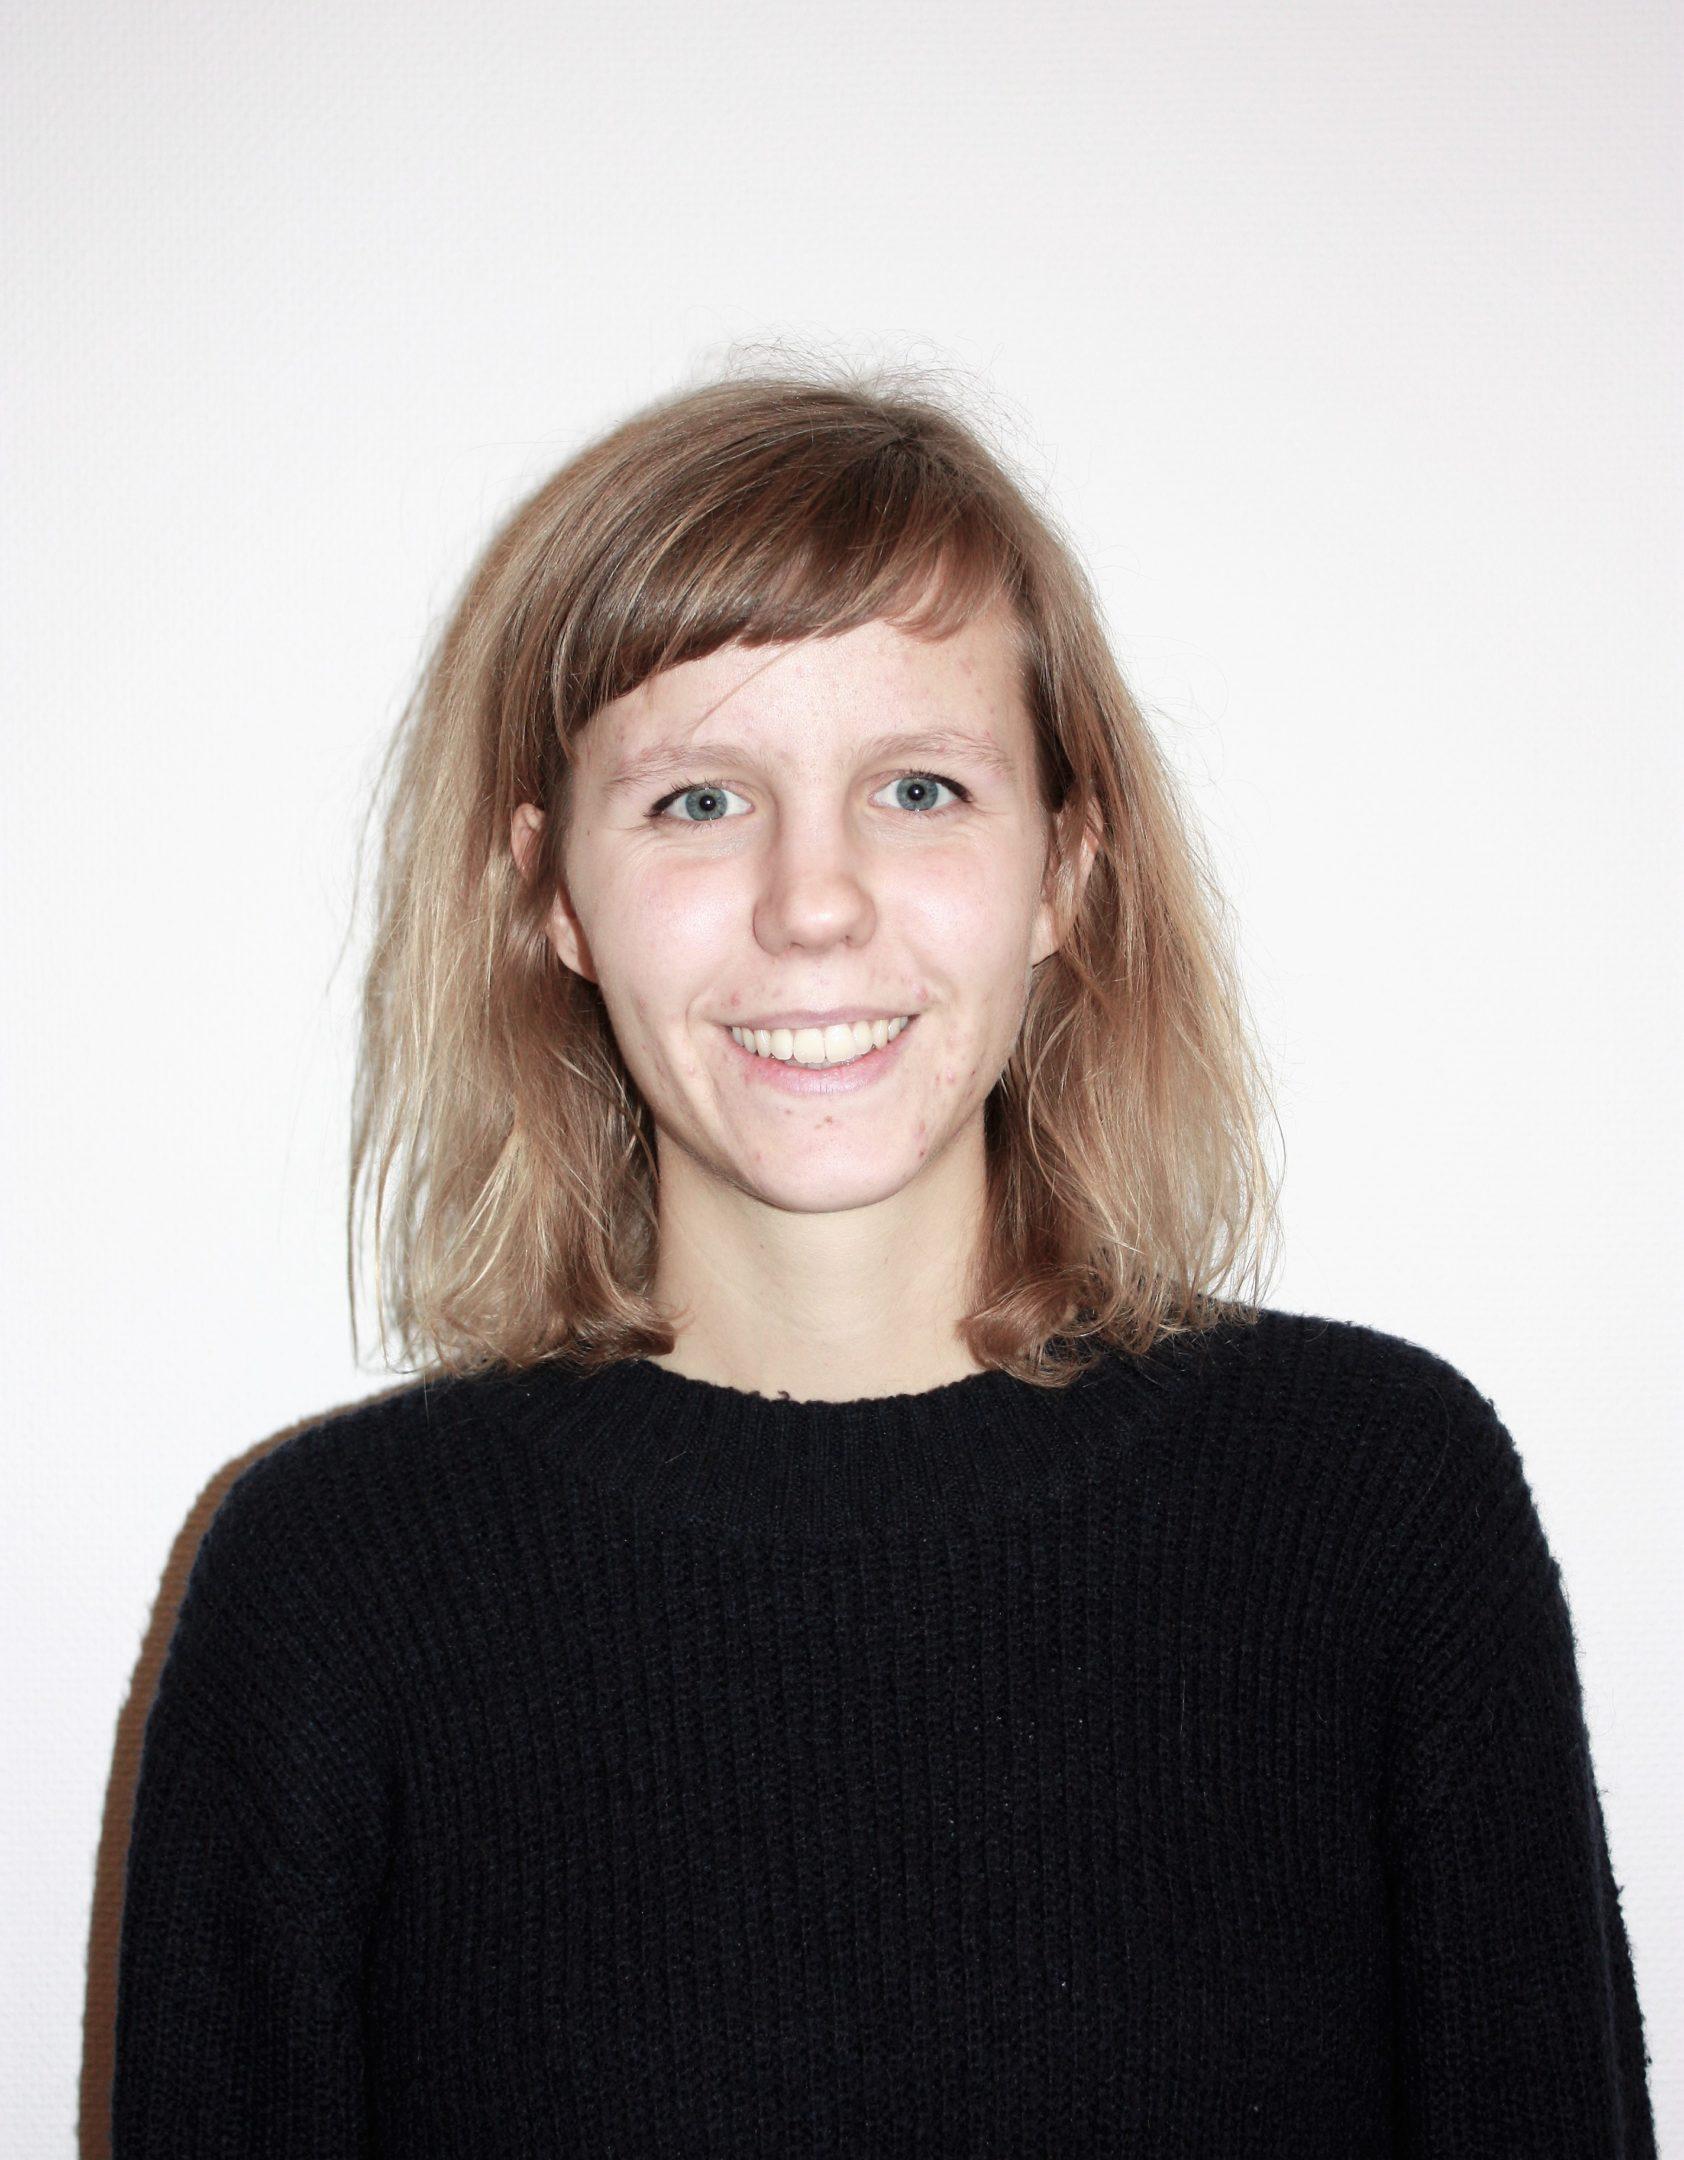 Amanda Raud